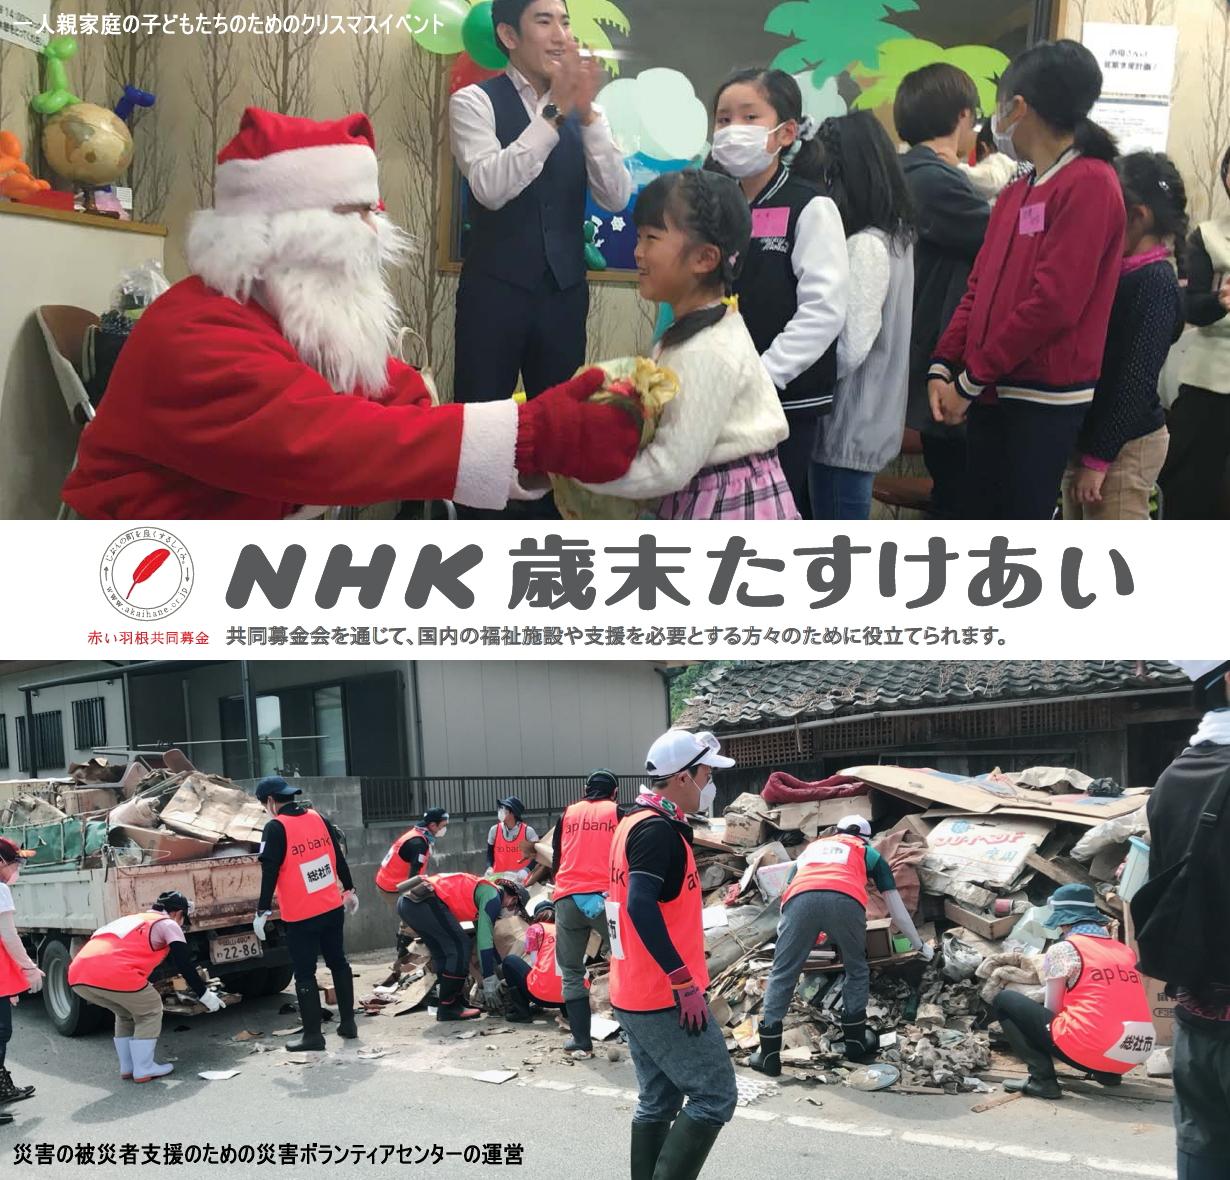 NHK歳末たすけあい